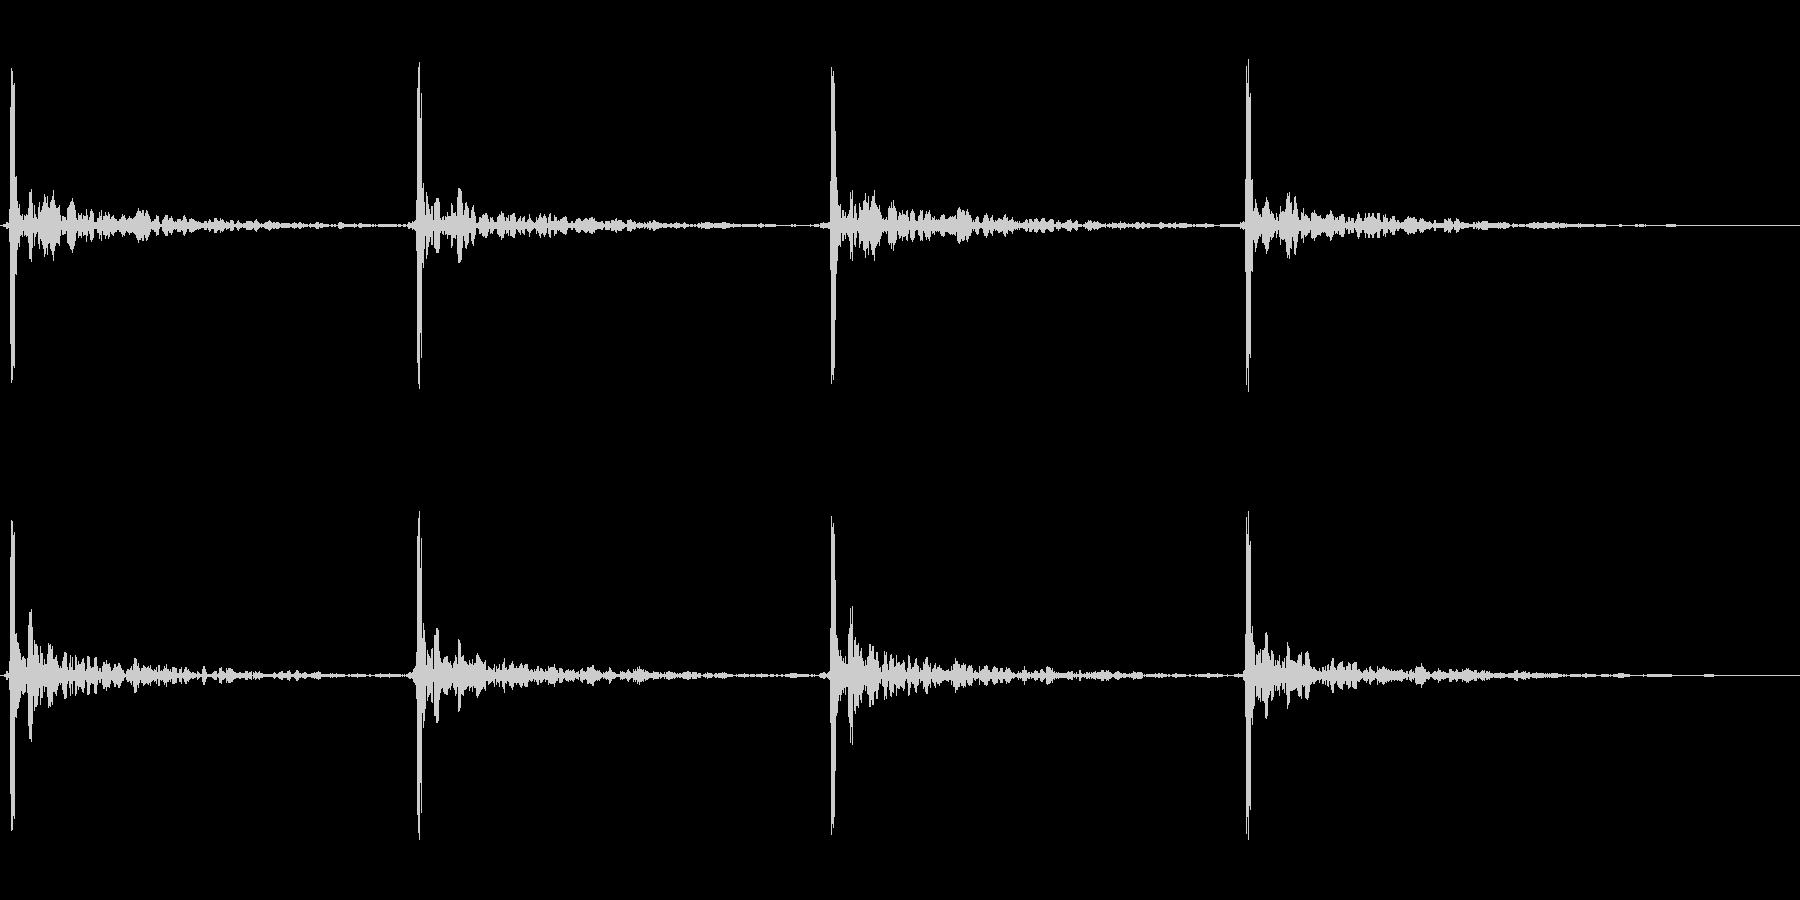 巨大な足音 2の未再生の波形